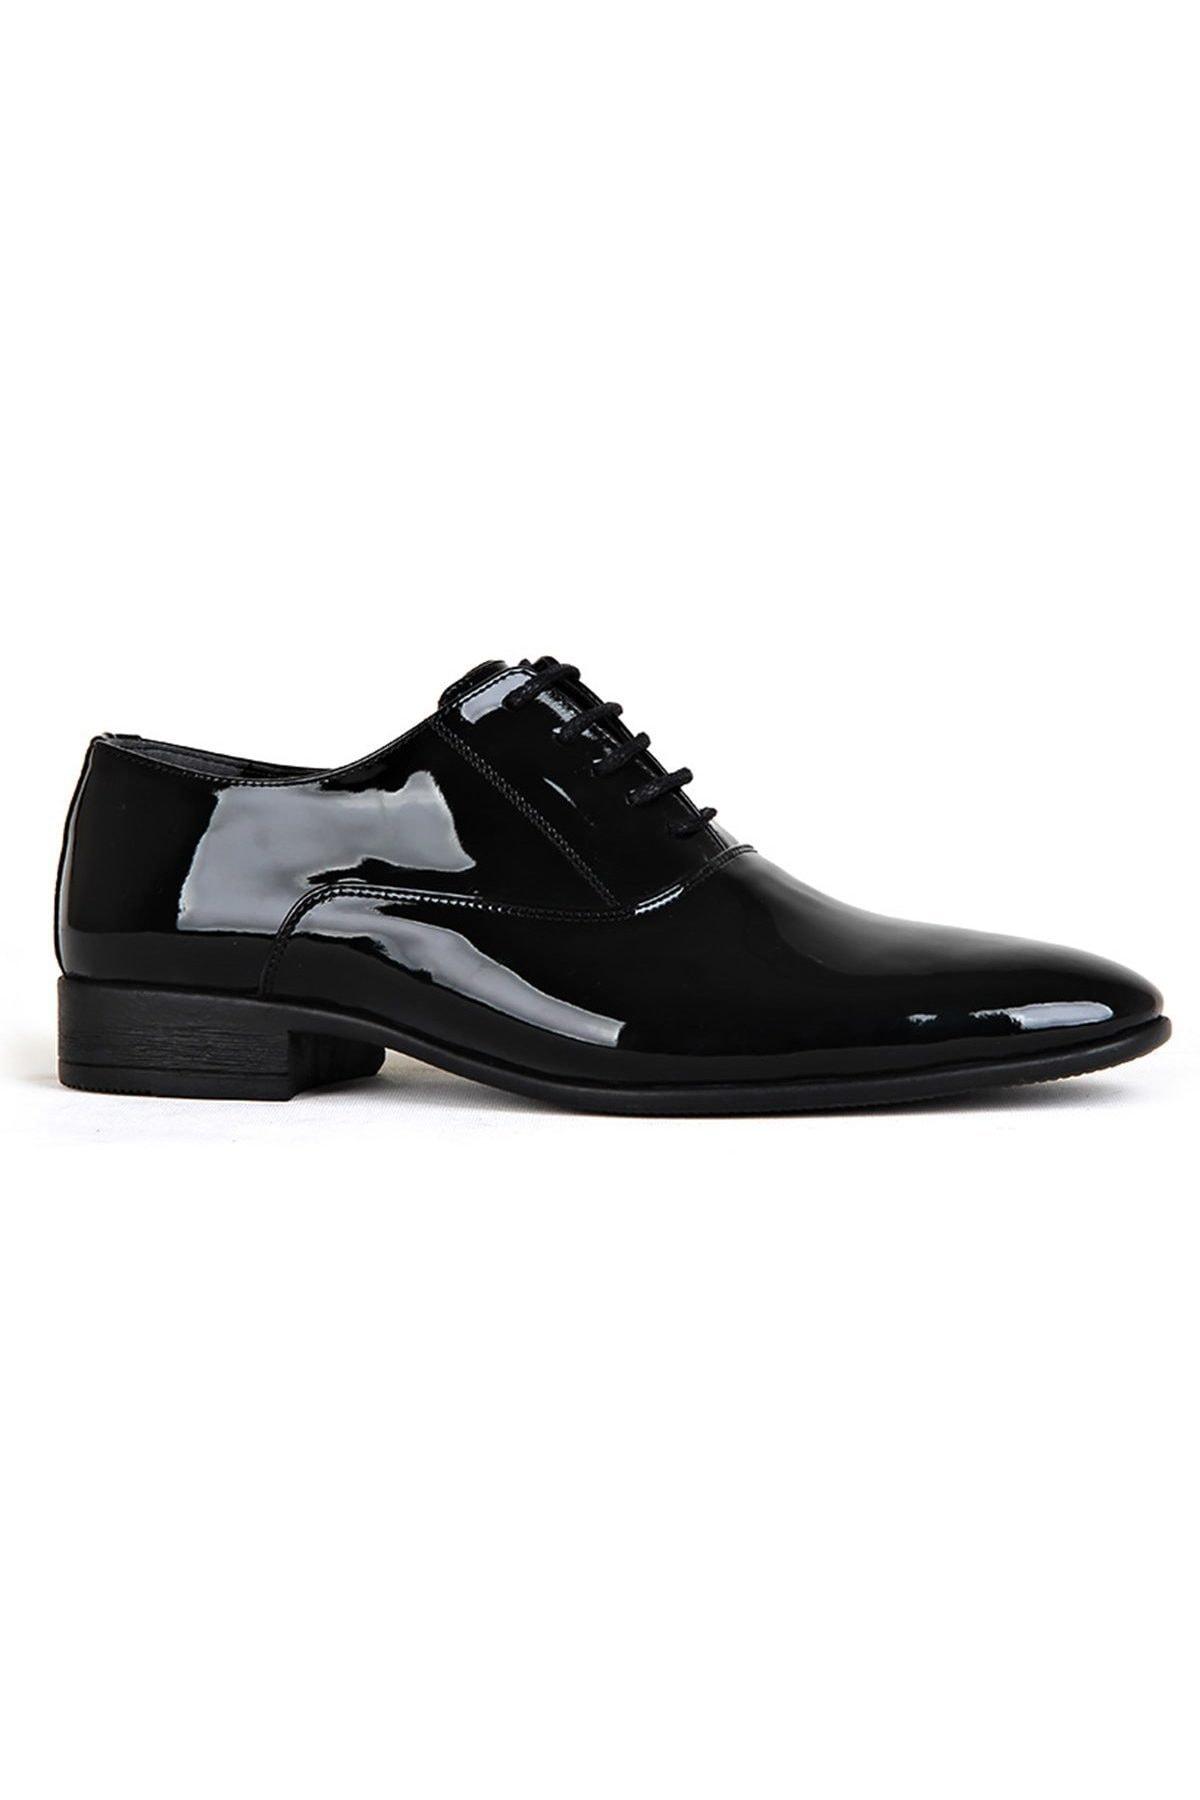 Siyah Erkek Klasik Ayakkabı PRA-683944-739230